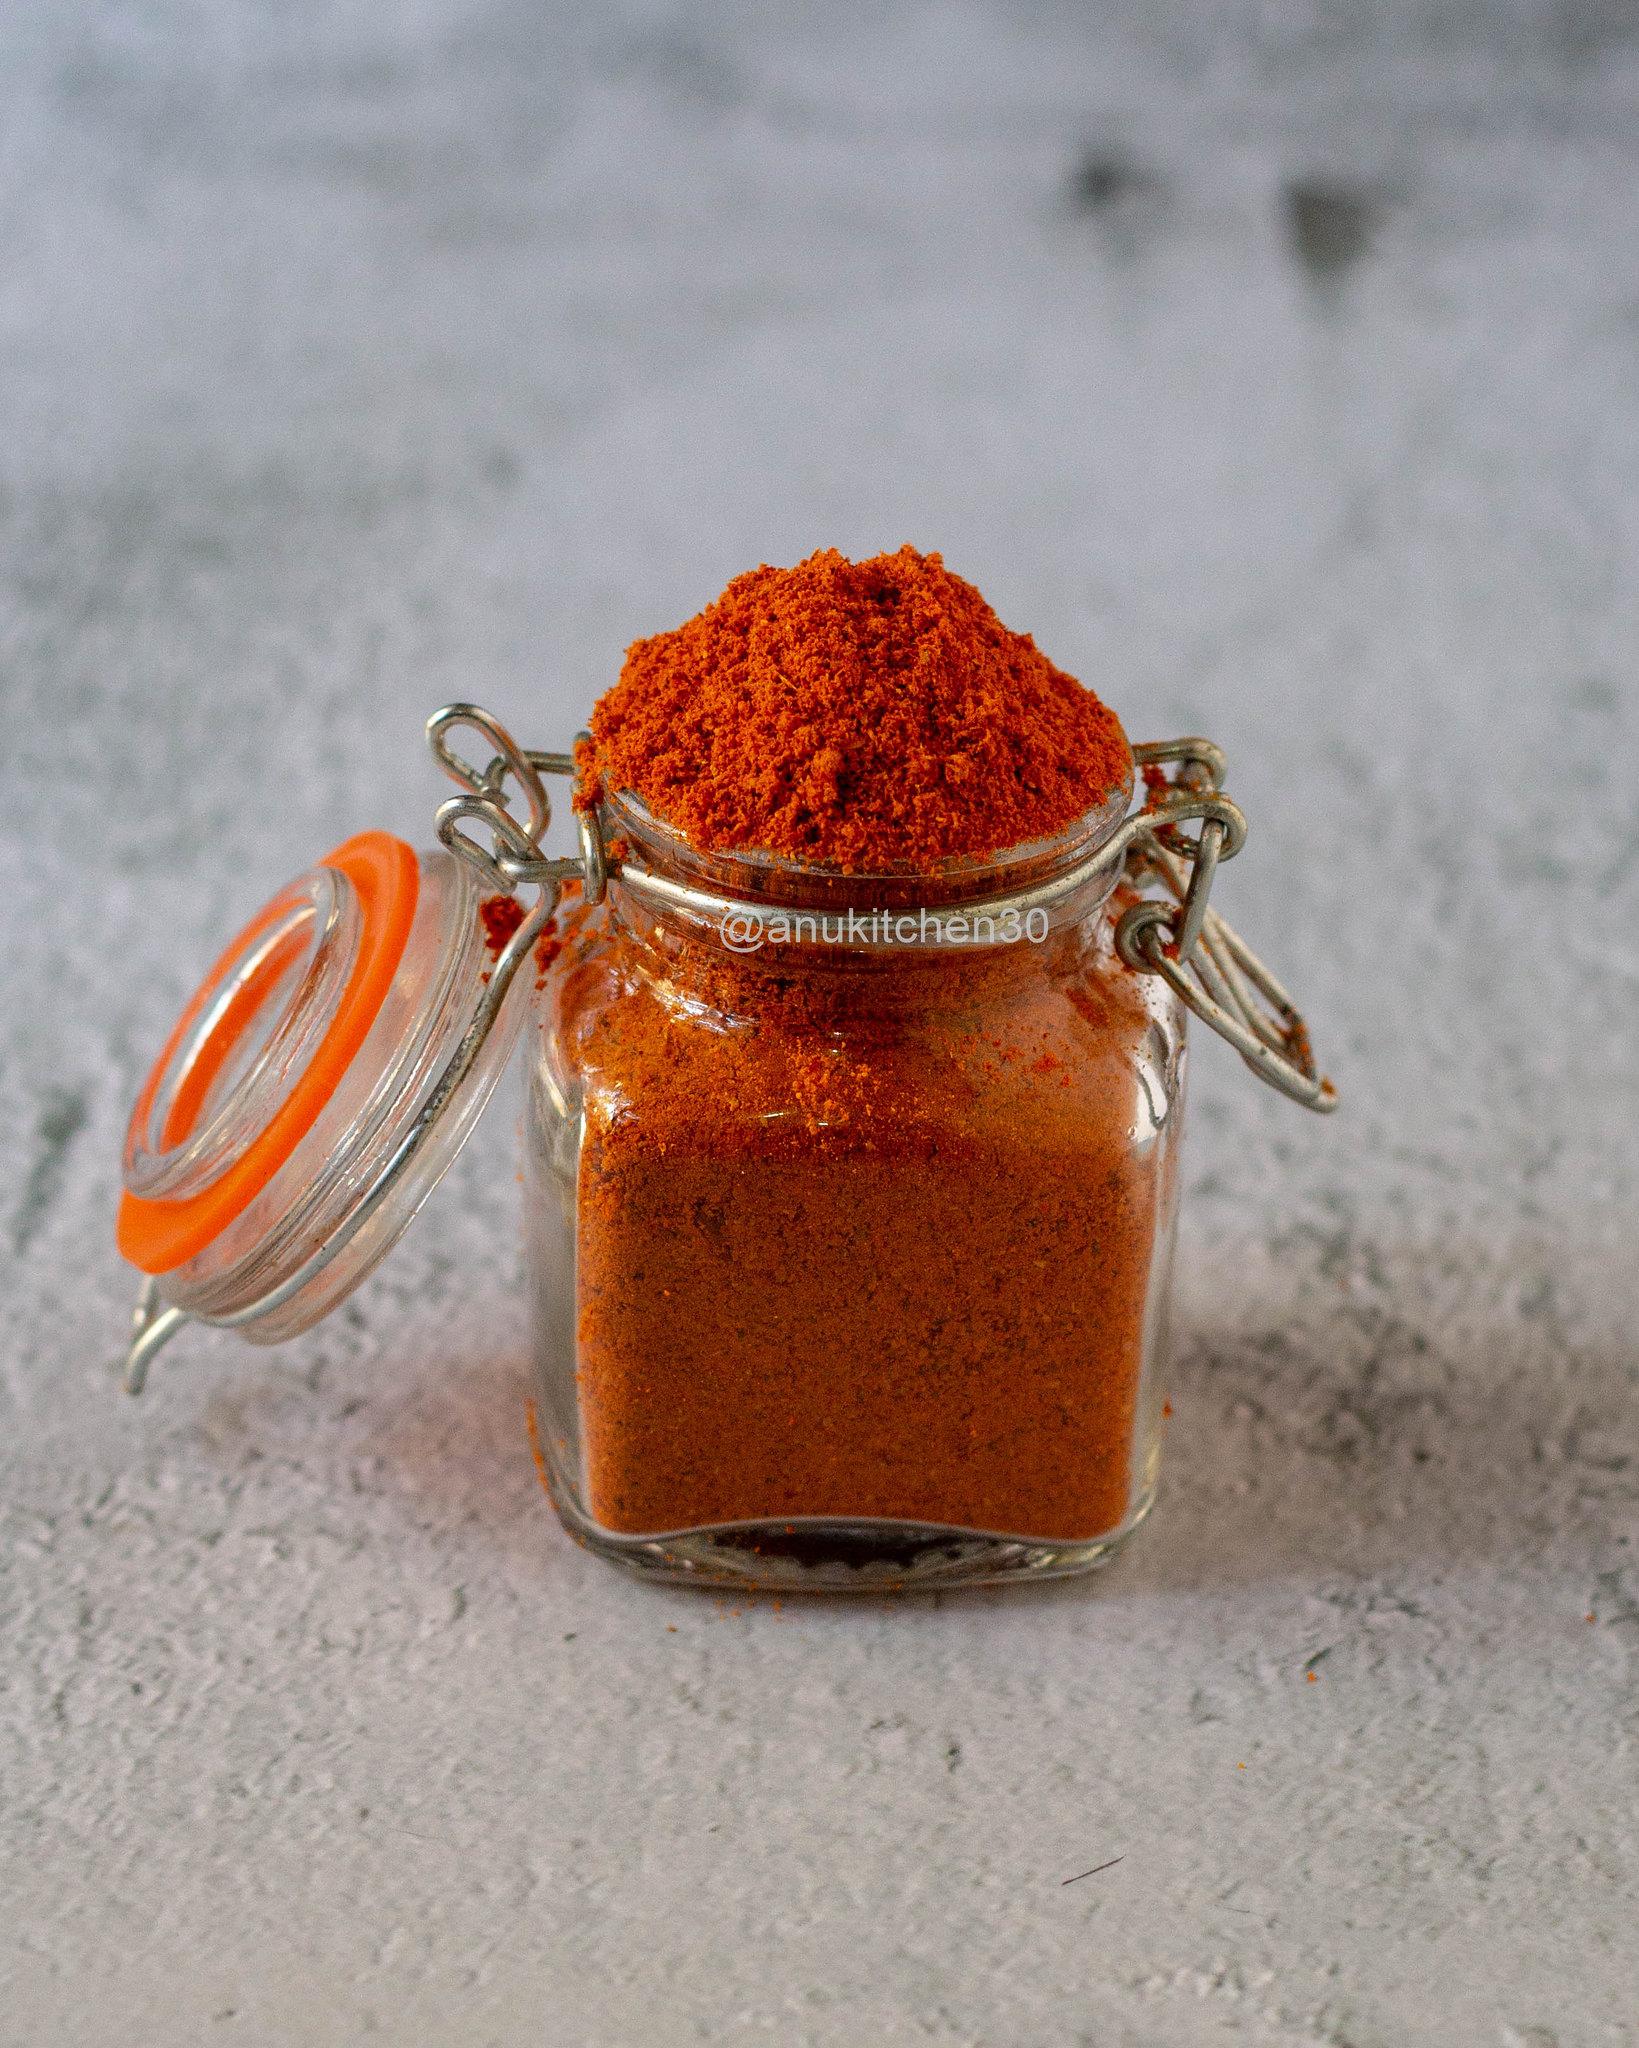 ಬಿಸಿಬೇಳೆ ಬಾತ್ ಪುಡಿ | Bisi Bele Bath Powder